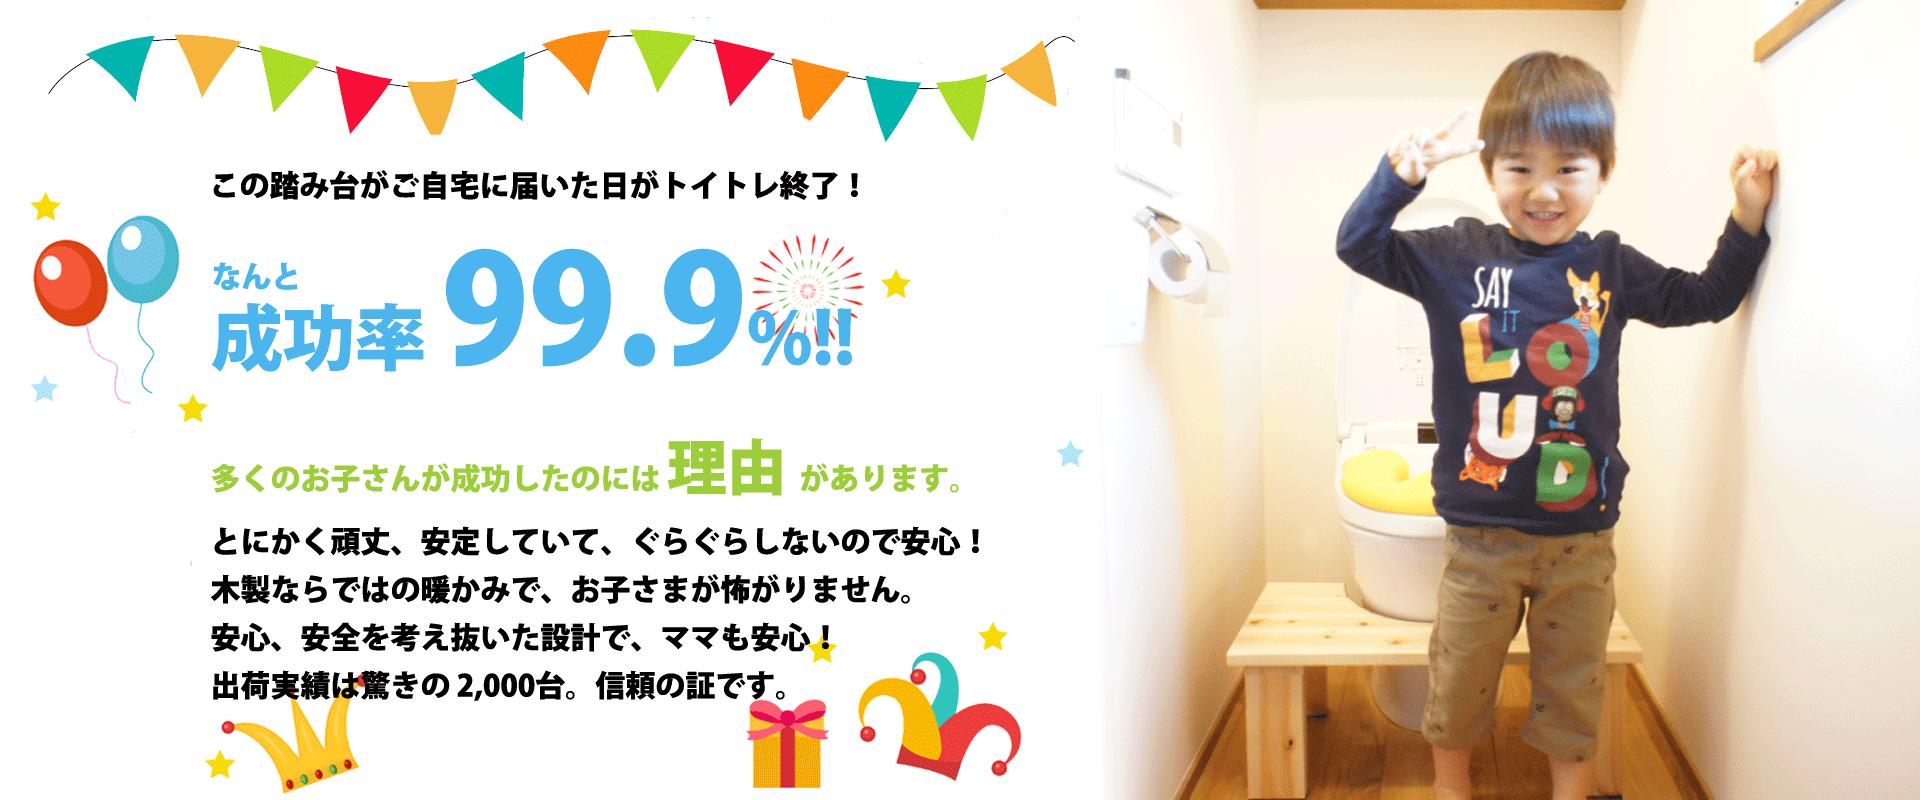 幼児用トイレトレーニング専門店 Potty.紹介画像1